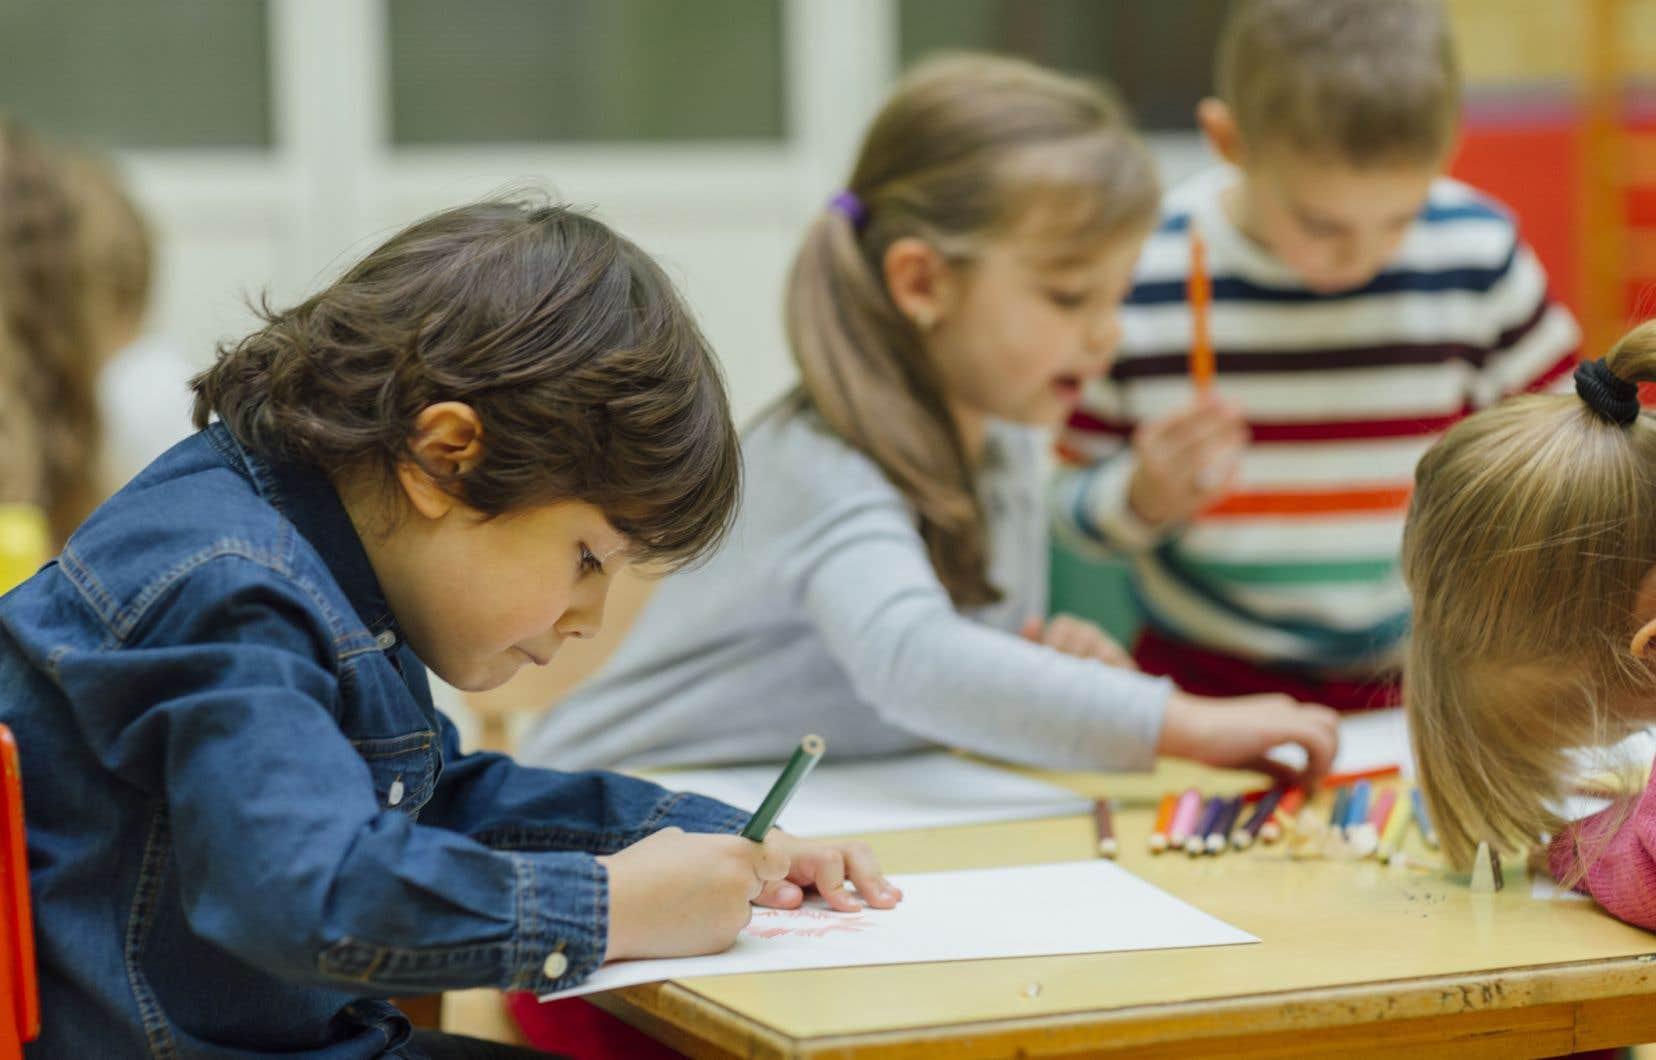 Les CPE offrent déjà tout ce qu'il faut aux enfants de 4ans, selonle Conseil québécois des services éducatifs de la petite enfance (CQSEPE) et la Fédération des intervenantes en petite enfance du Québec (FIPEQ-CSQ).